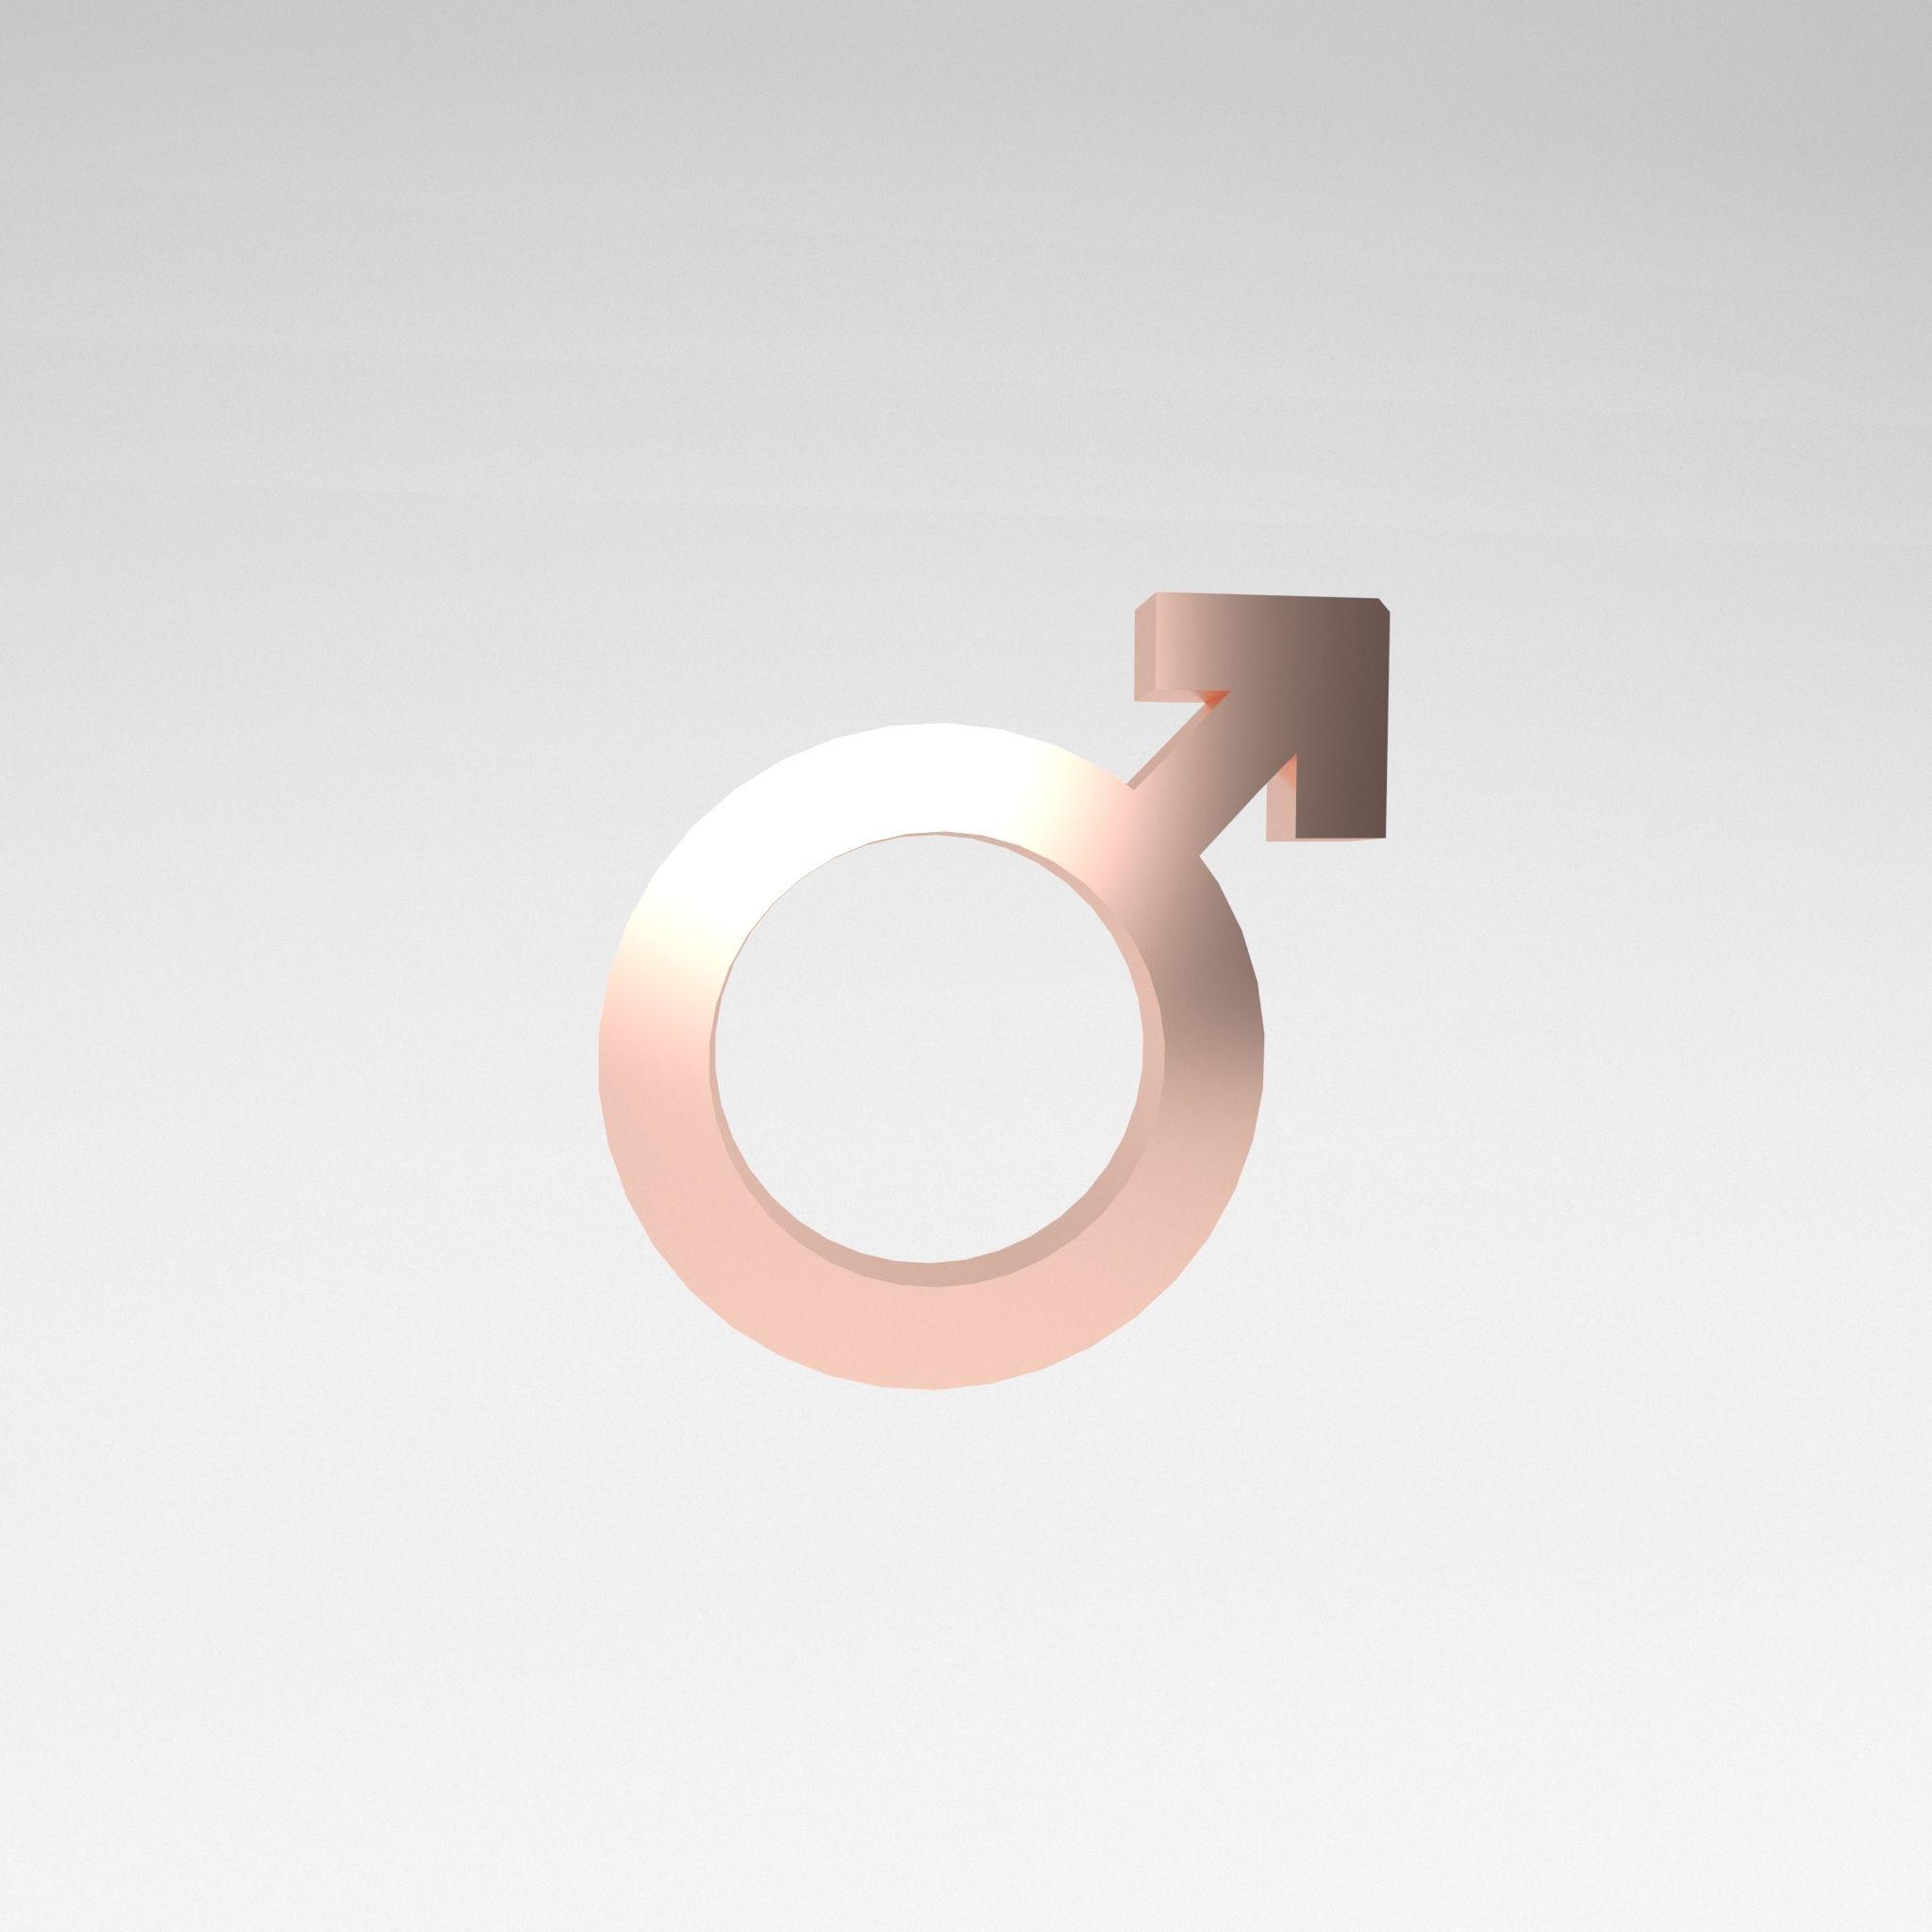 Gender Symbol v2 007